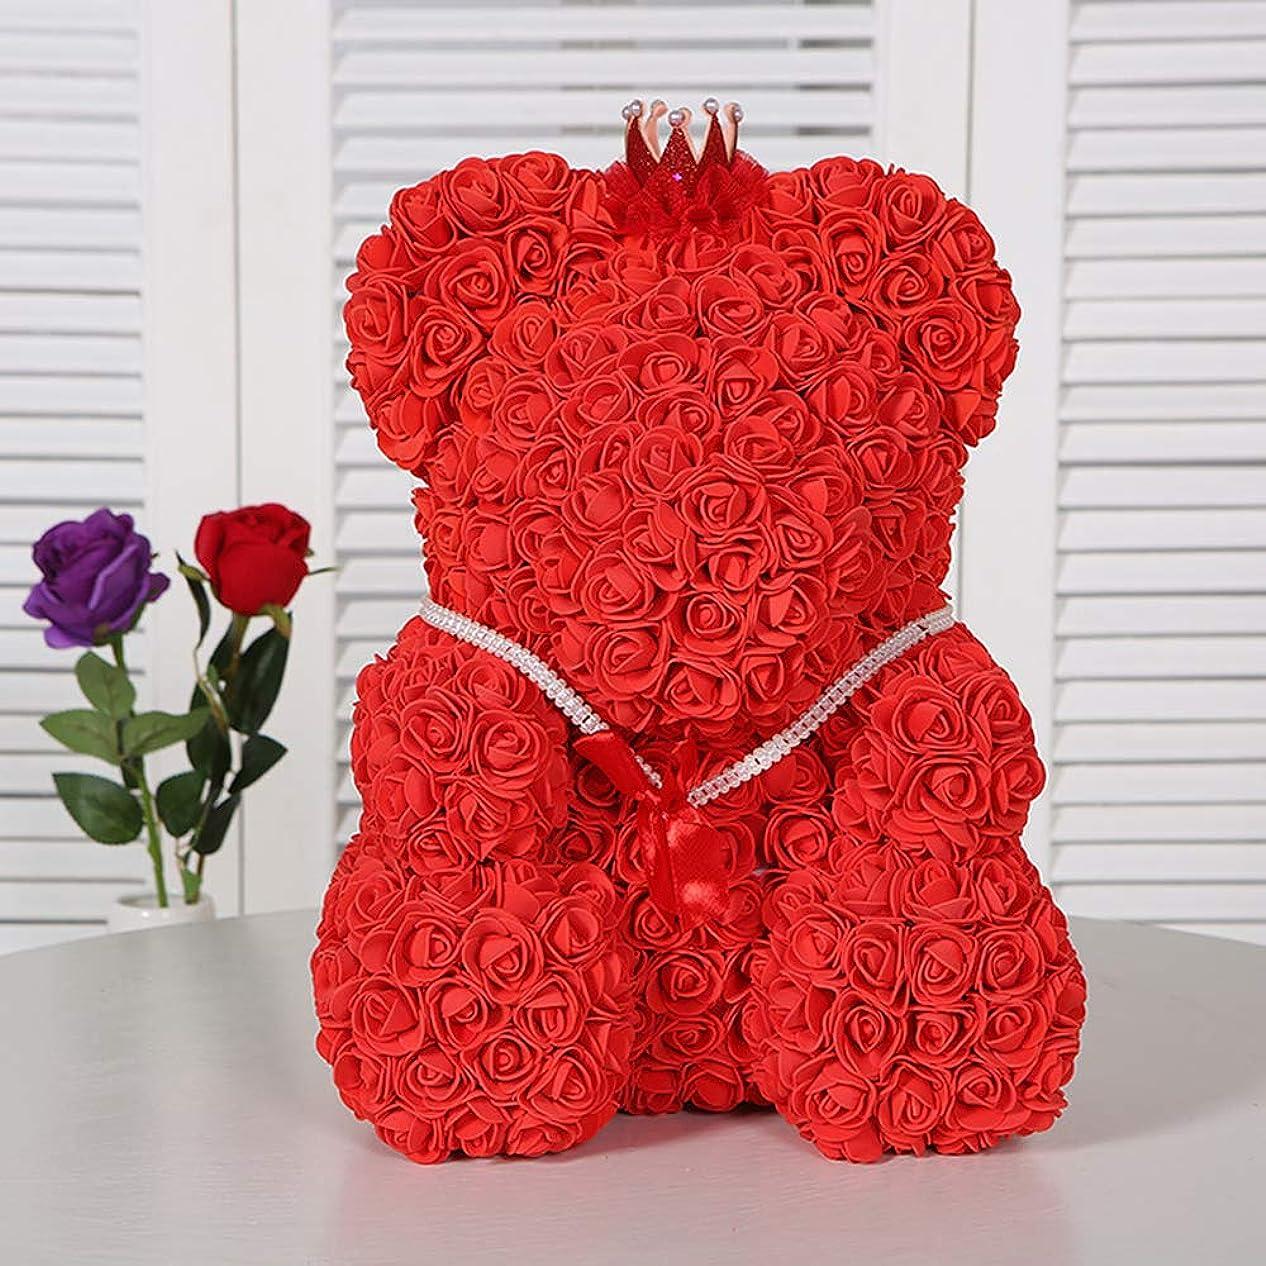 美人オーストラリア人過度にローズフラワーベア人工クリスマスプレゼント女性のためのバレンタインデー新年の家の装飾 (赤)